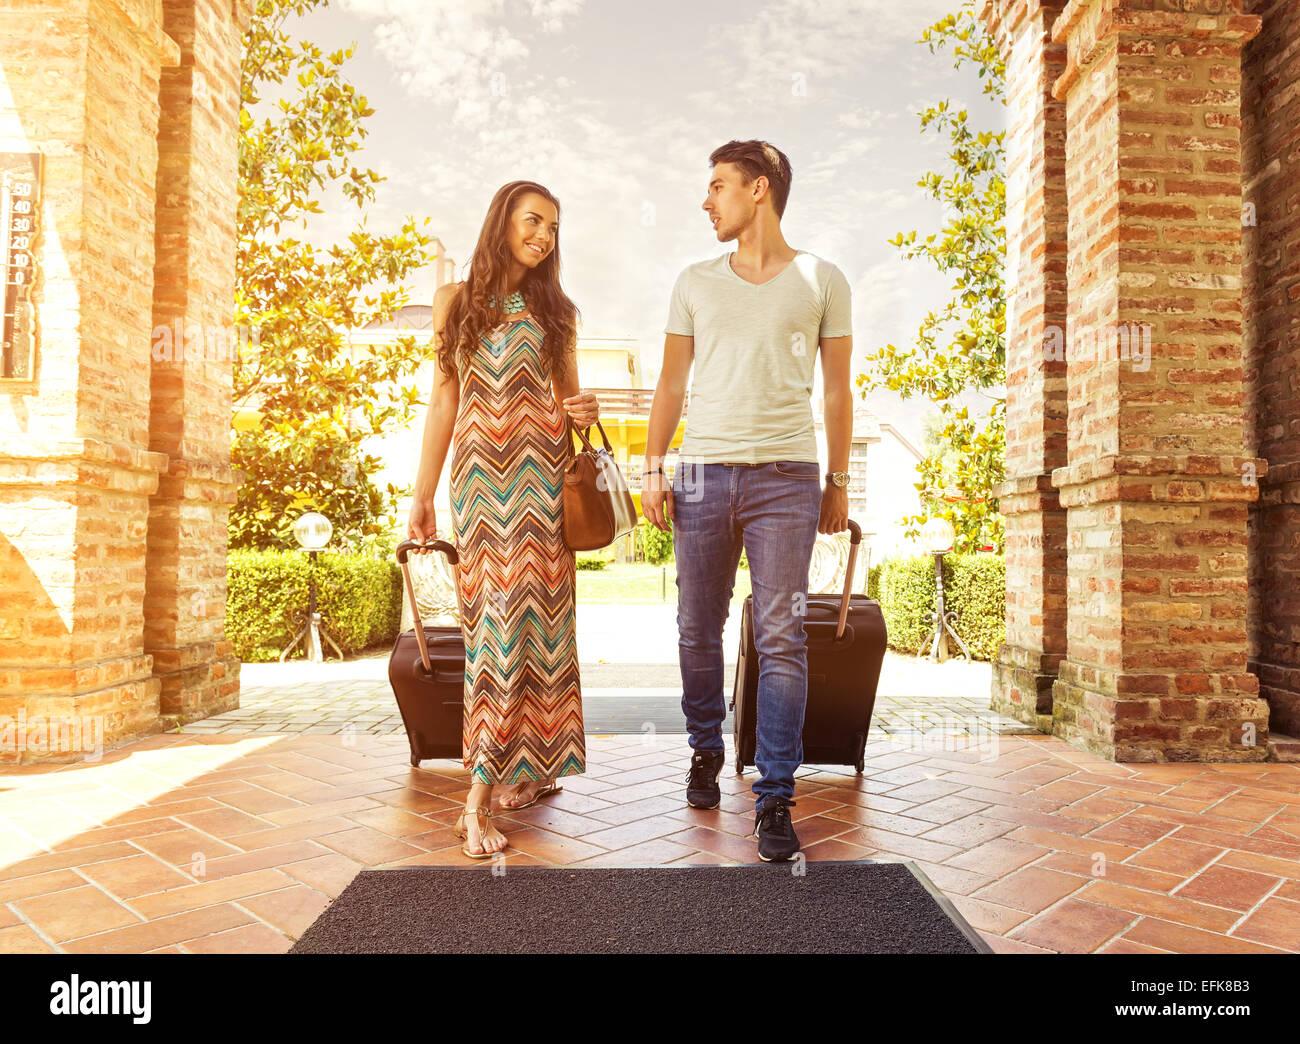 Pareja joven de pie en el pasillo del hotel a la llegada, buscando habitación, sosteniendo las maletas Imagen De Stock